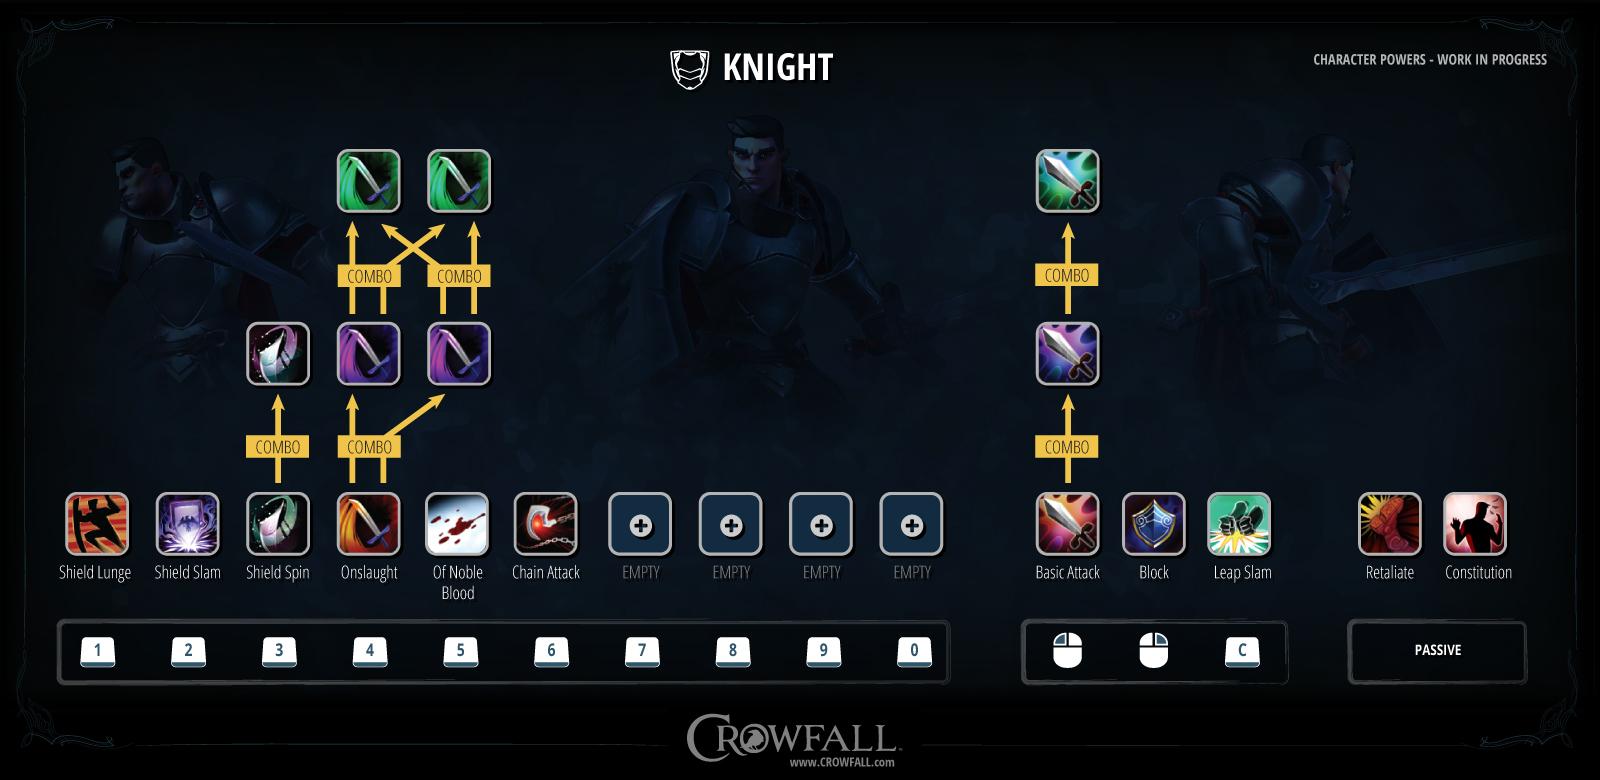 KnightAbilityTree_Release.jpg